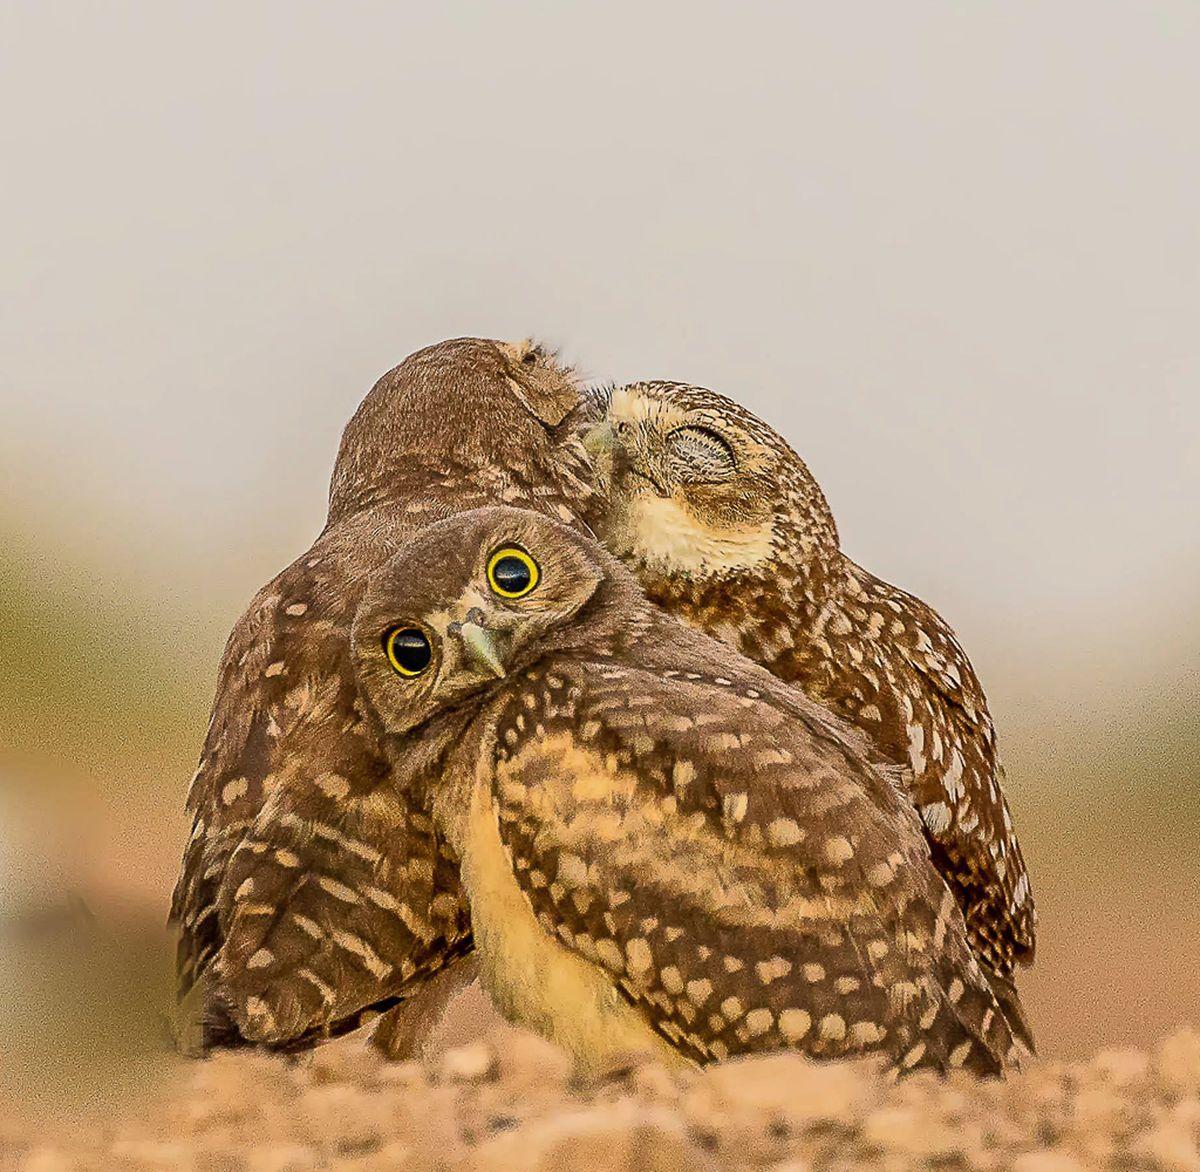 http 2F2Fprod.static9.net .au2F 2Fmedia2F20172F122F192F112F182F26 comedywildlife - Những bức ảnh động vật hoang dã thú vị nhất năm 2017